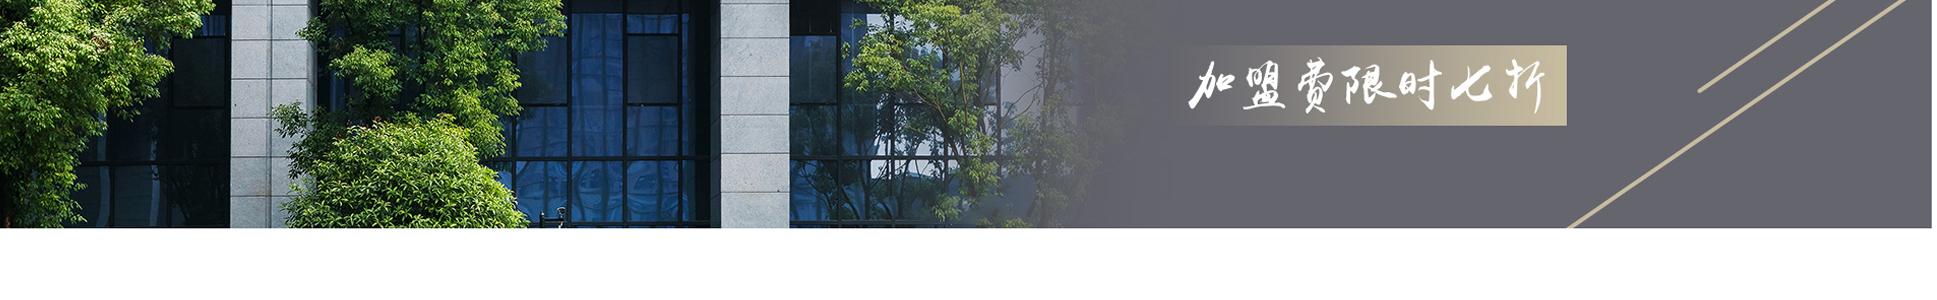 Zsmart智尚酒店zsjd_03